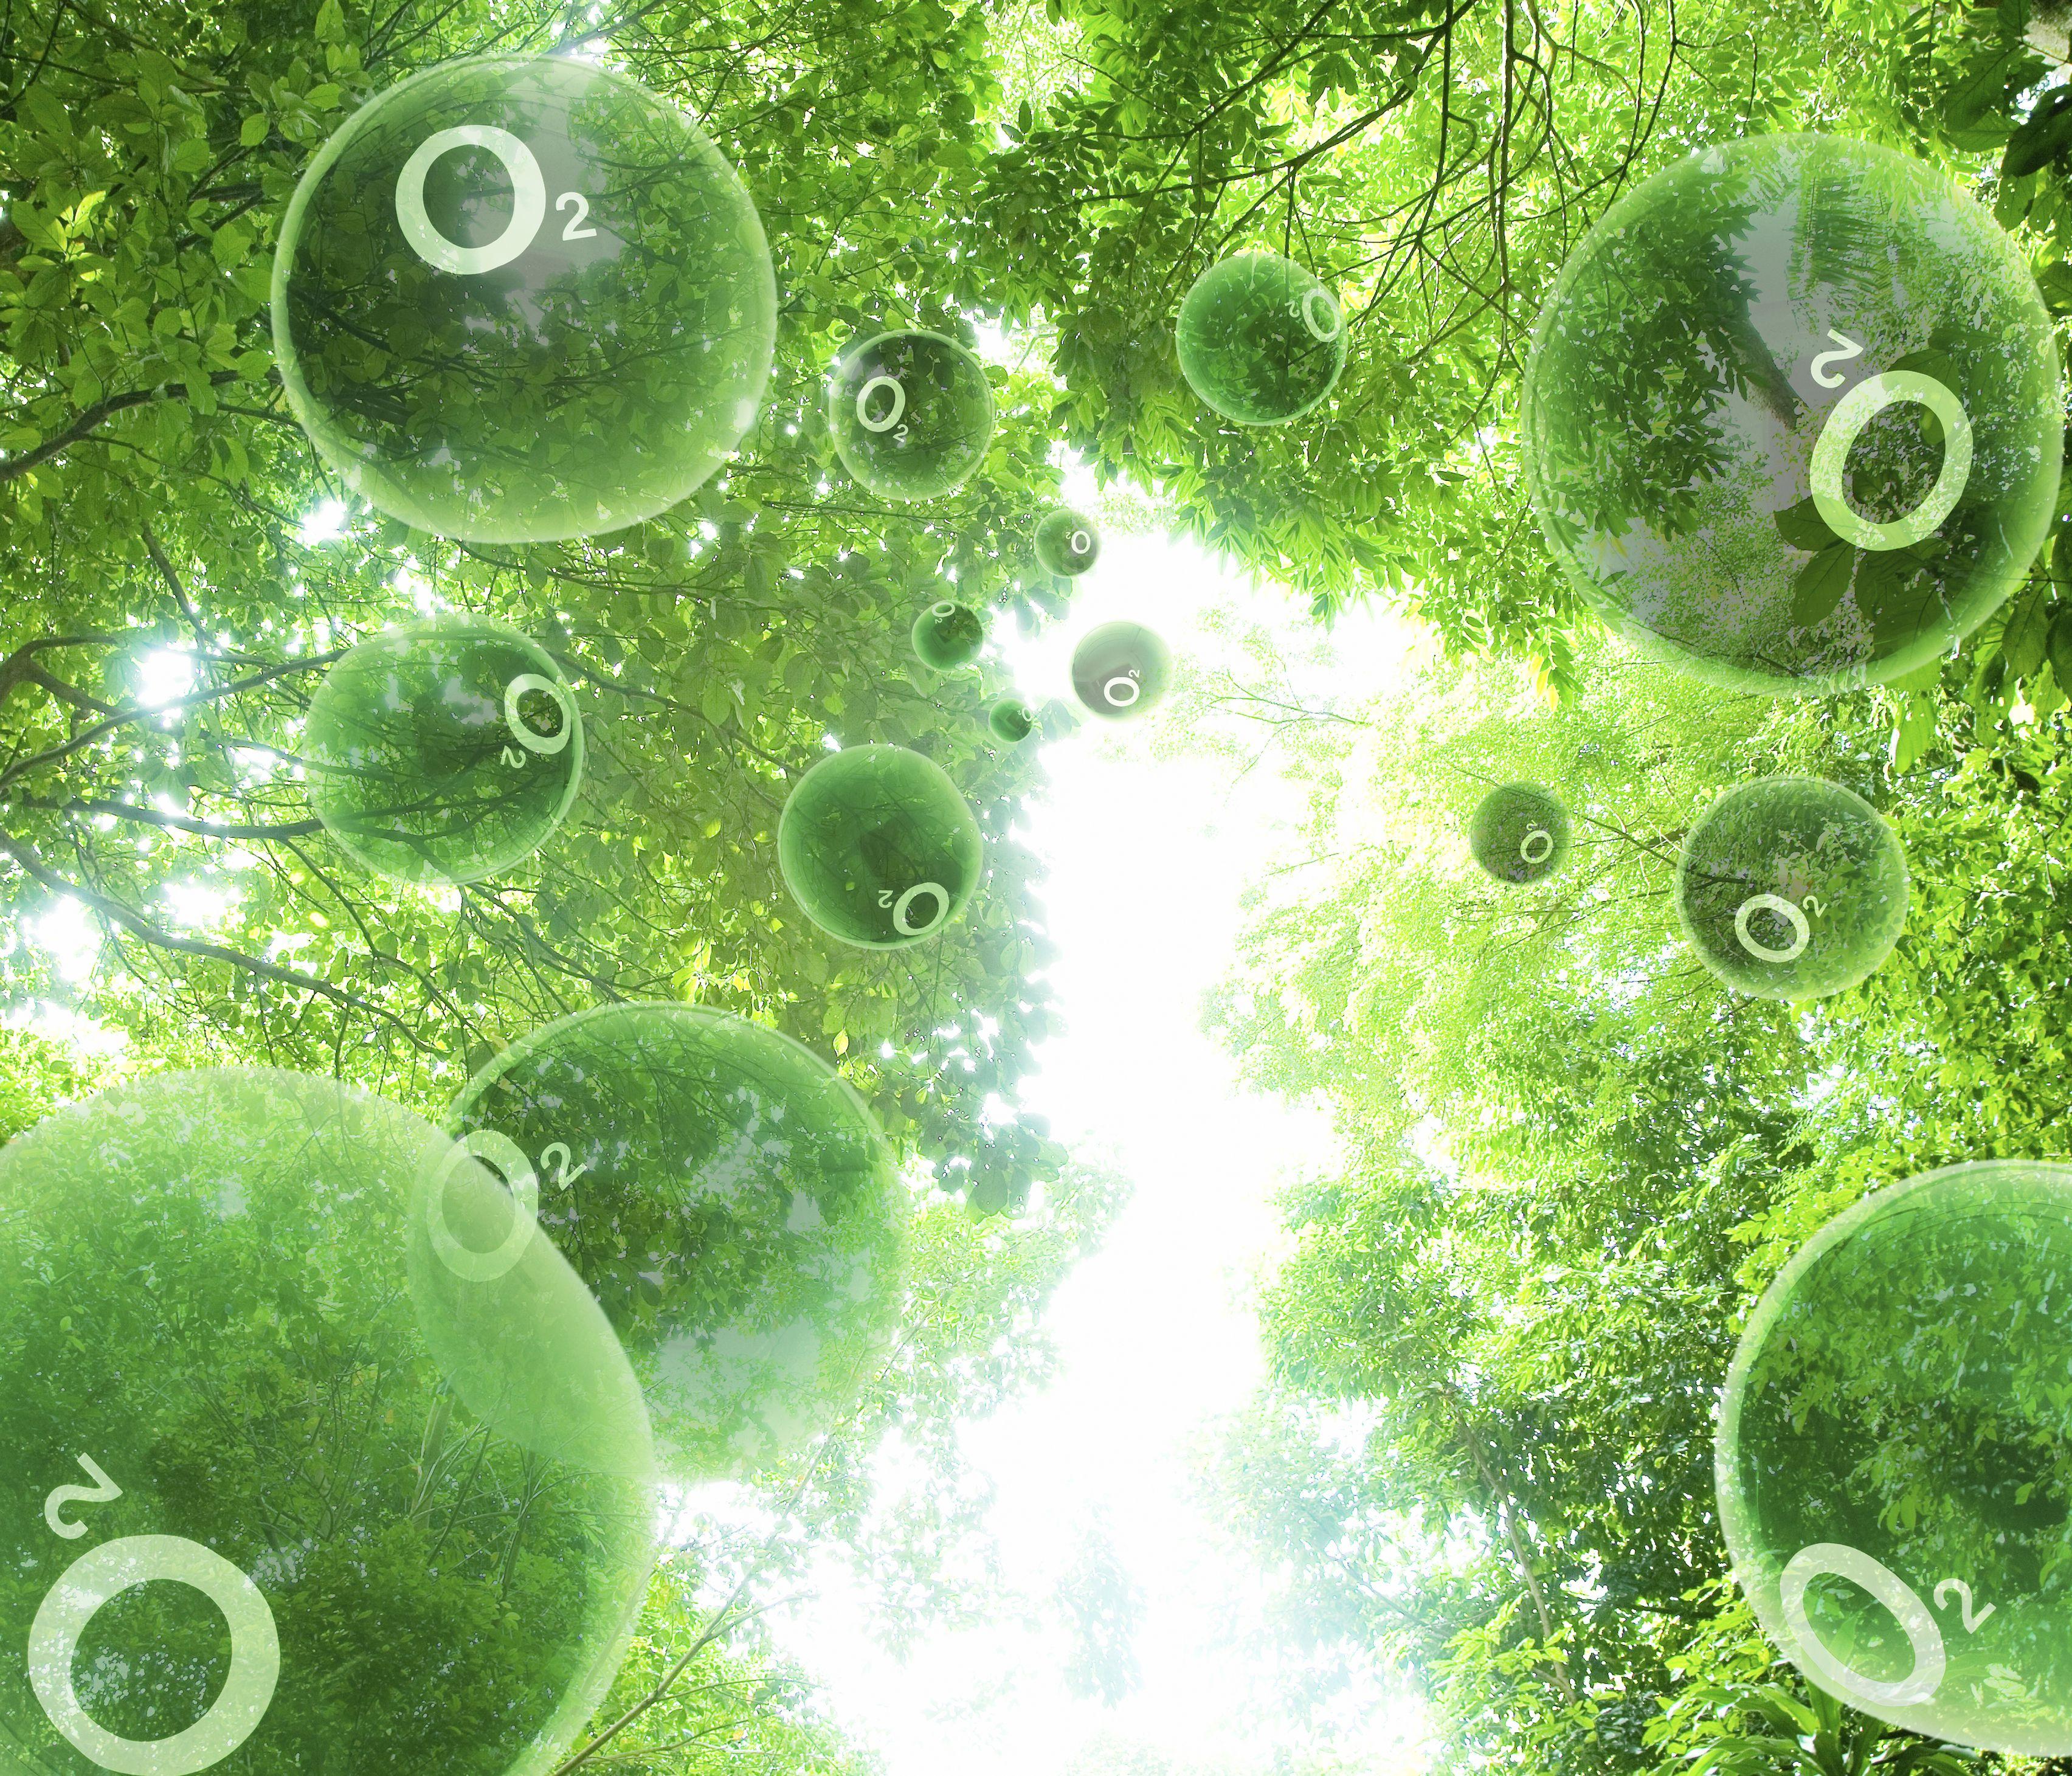 Los organismos fotosintéticos liberan oxígeno y fijan carbono, dando a la Tierra una atmósfera respirable.